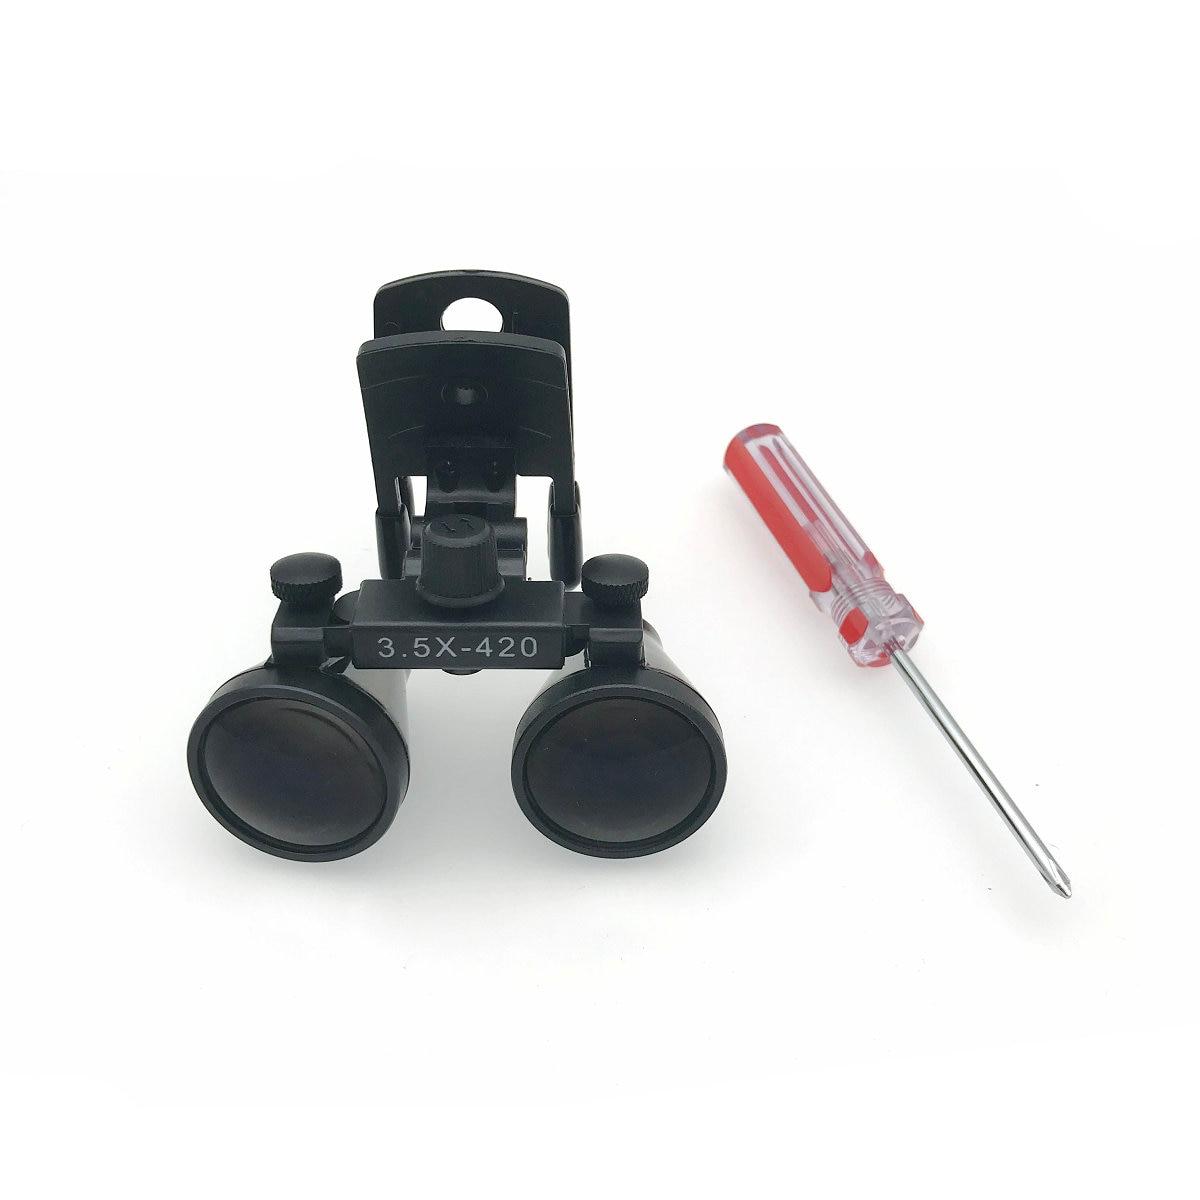 Novo Clipe tipo Galileo Magnifier com Lupas Cirúrgicas Dental Lupas para Médicos compatível todos os tipos de óculos